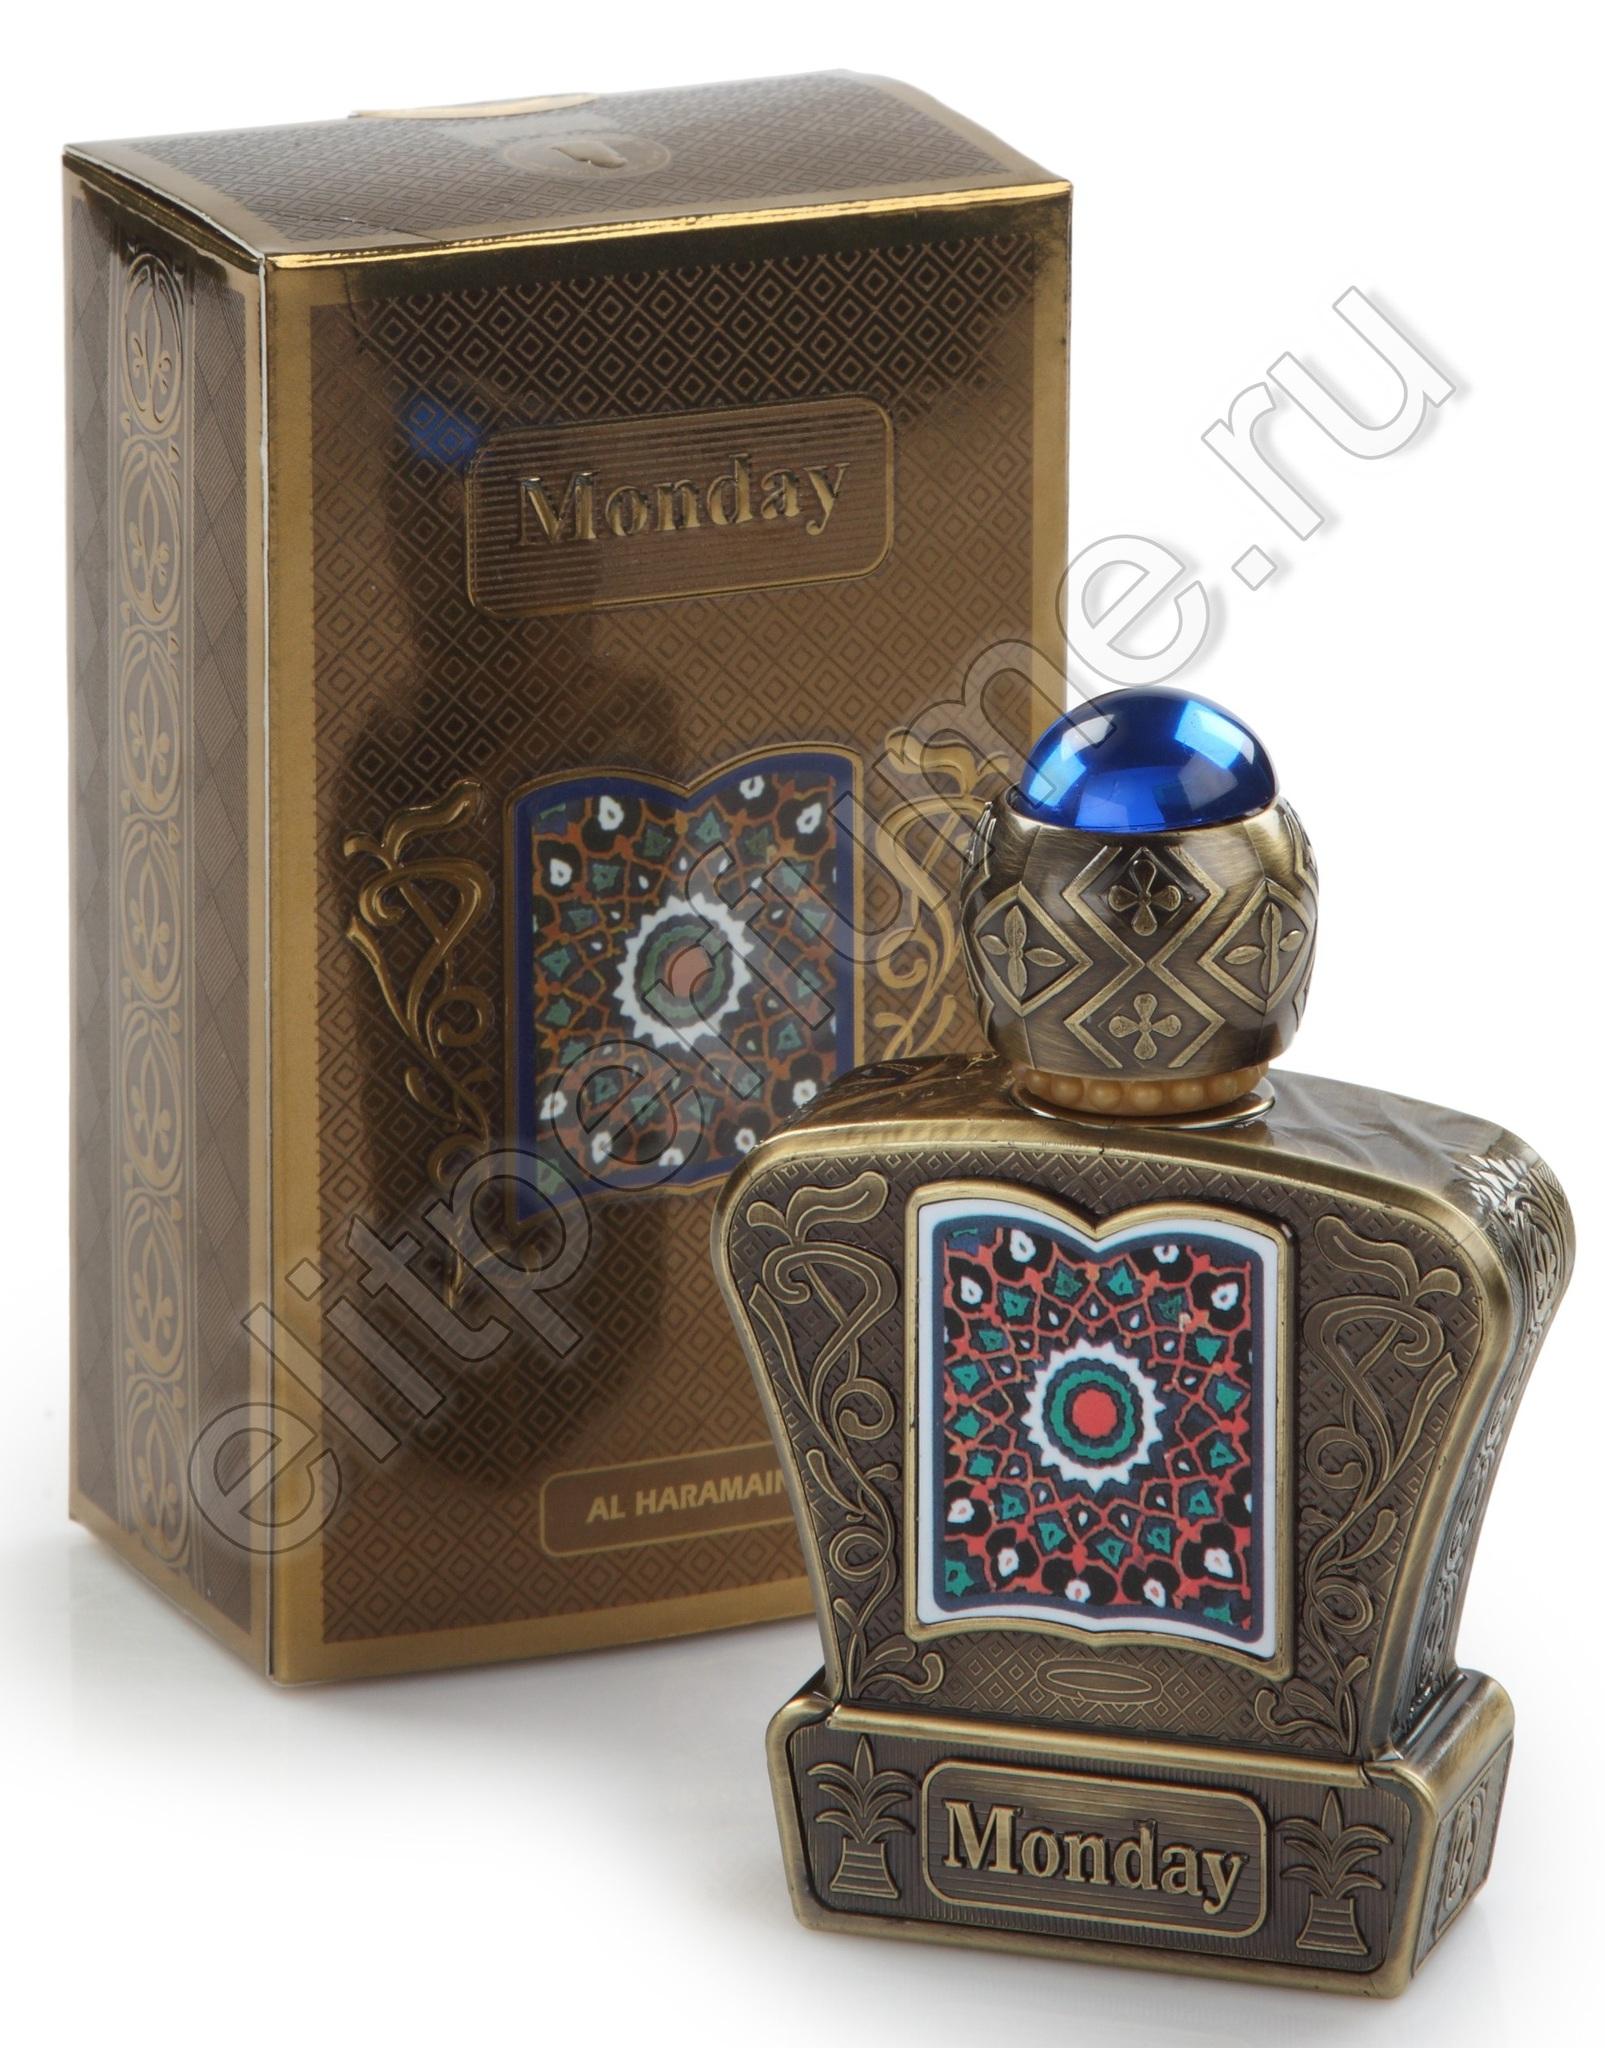 Понедельник Monday 15 мл арабские масляные духи от Аль Харамайн Al Haramain Perfumes